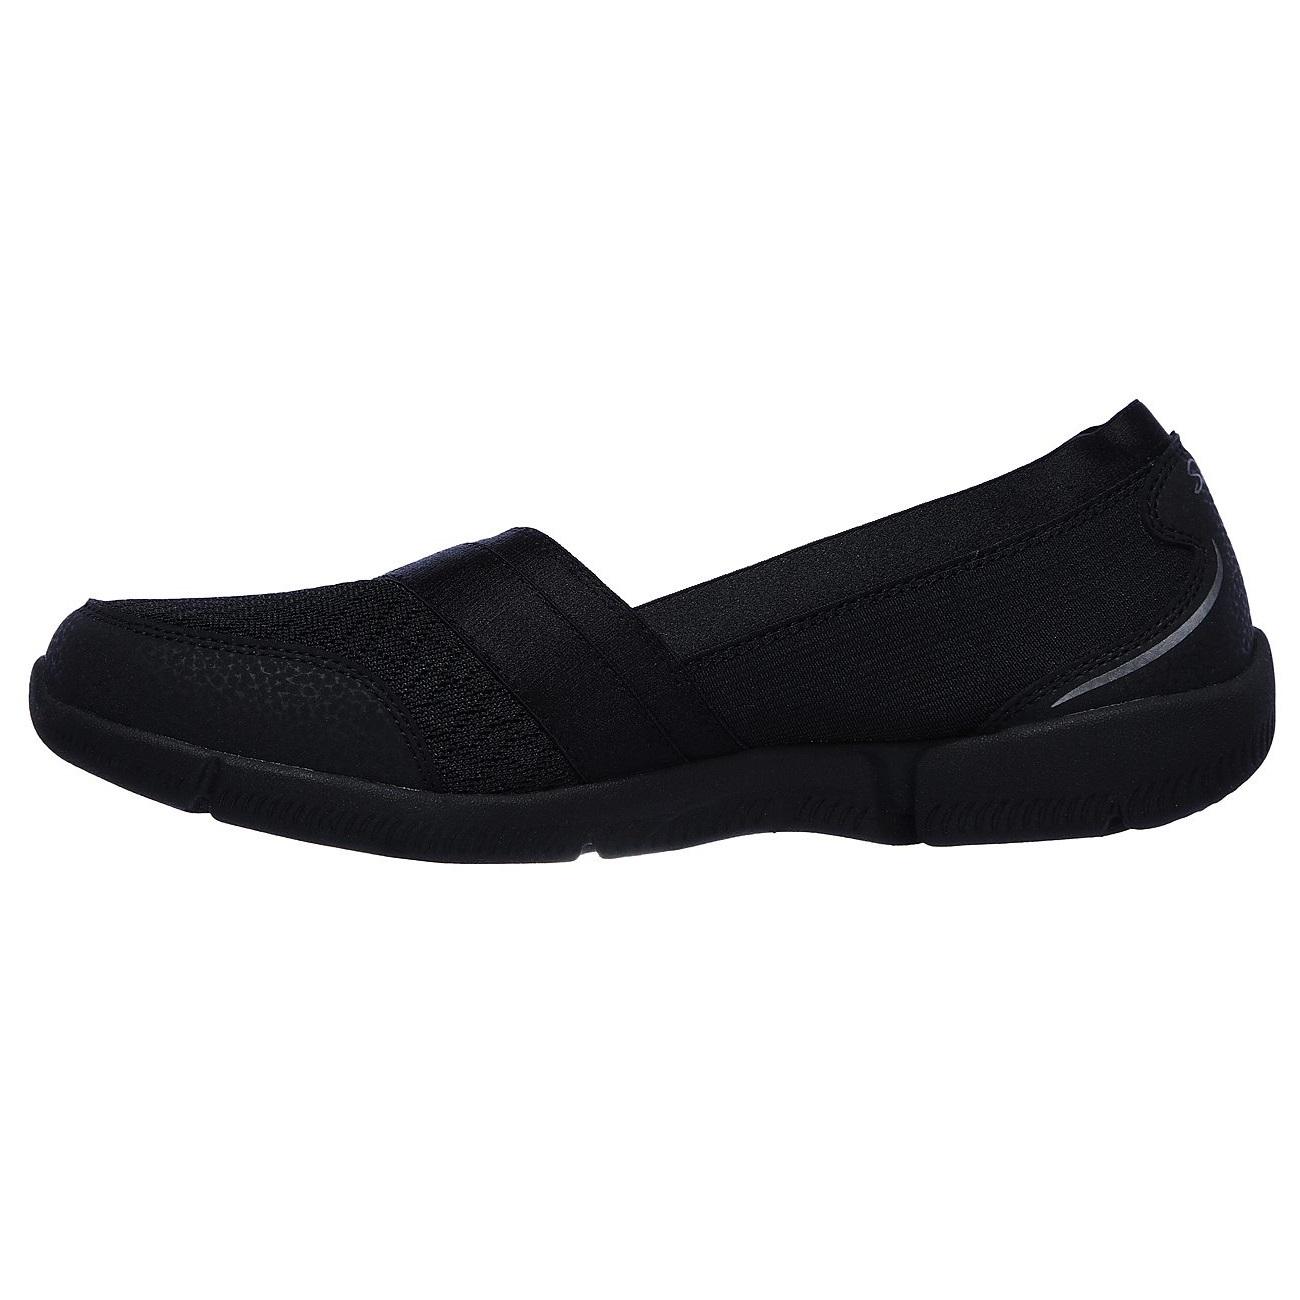 خرید                     کفش مخصوص پیاده روی زنانه اسکچرز کد 100026BBK